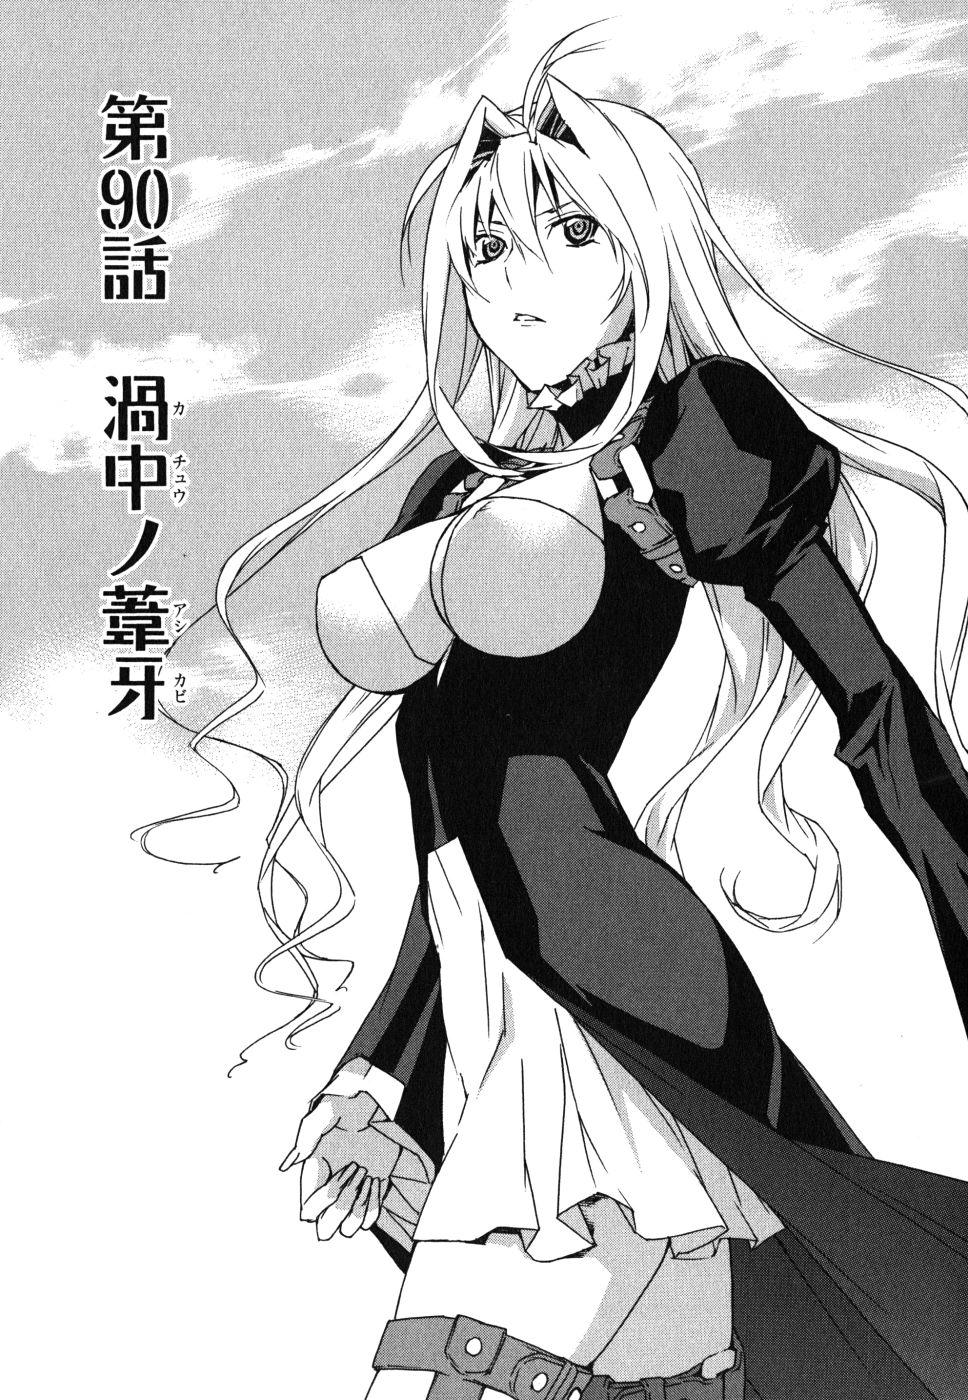 Sekirei manga chapter 090.jpg